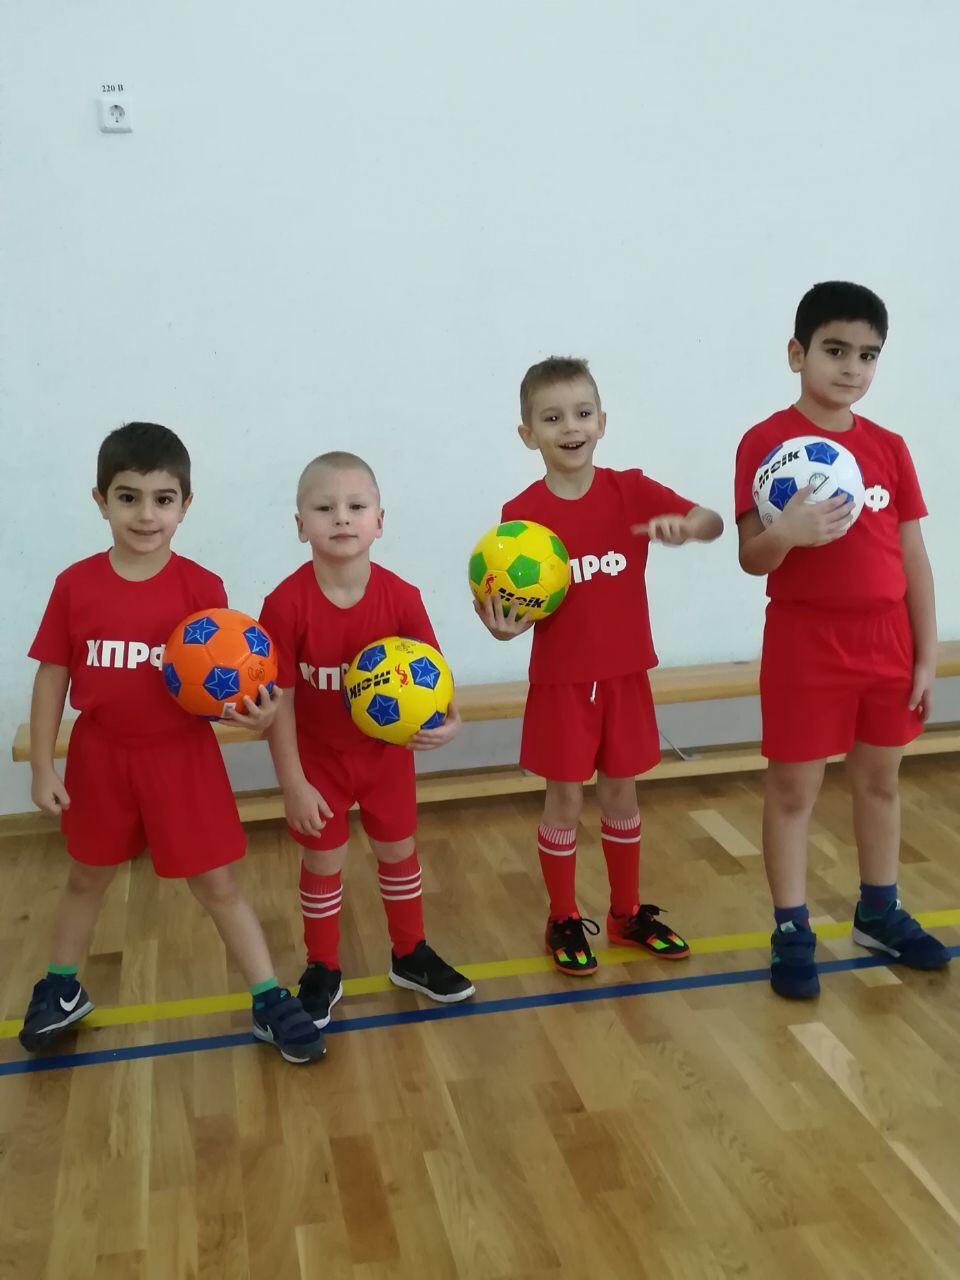 Детская секция футбола СК КПРФ в г.Видное